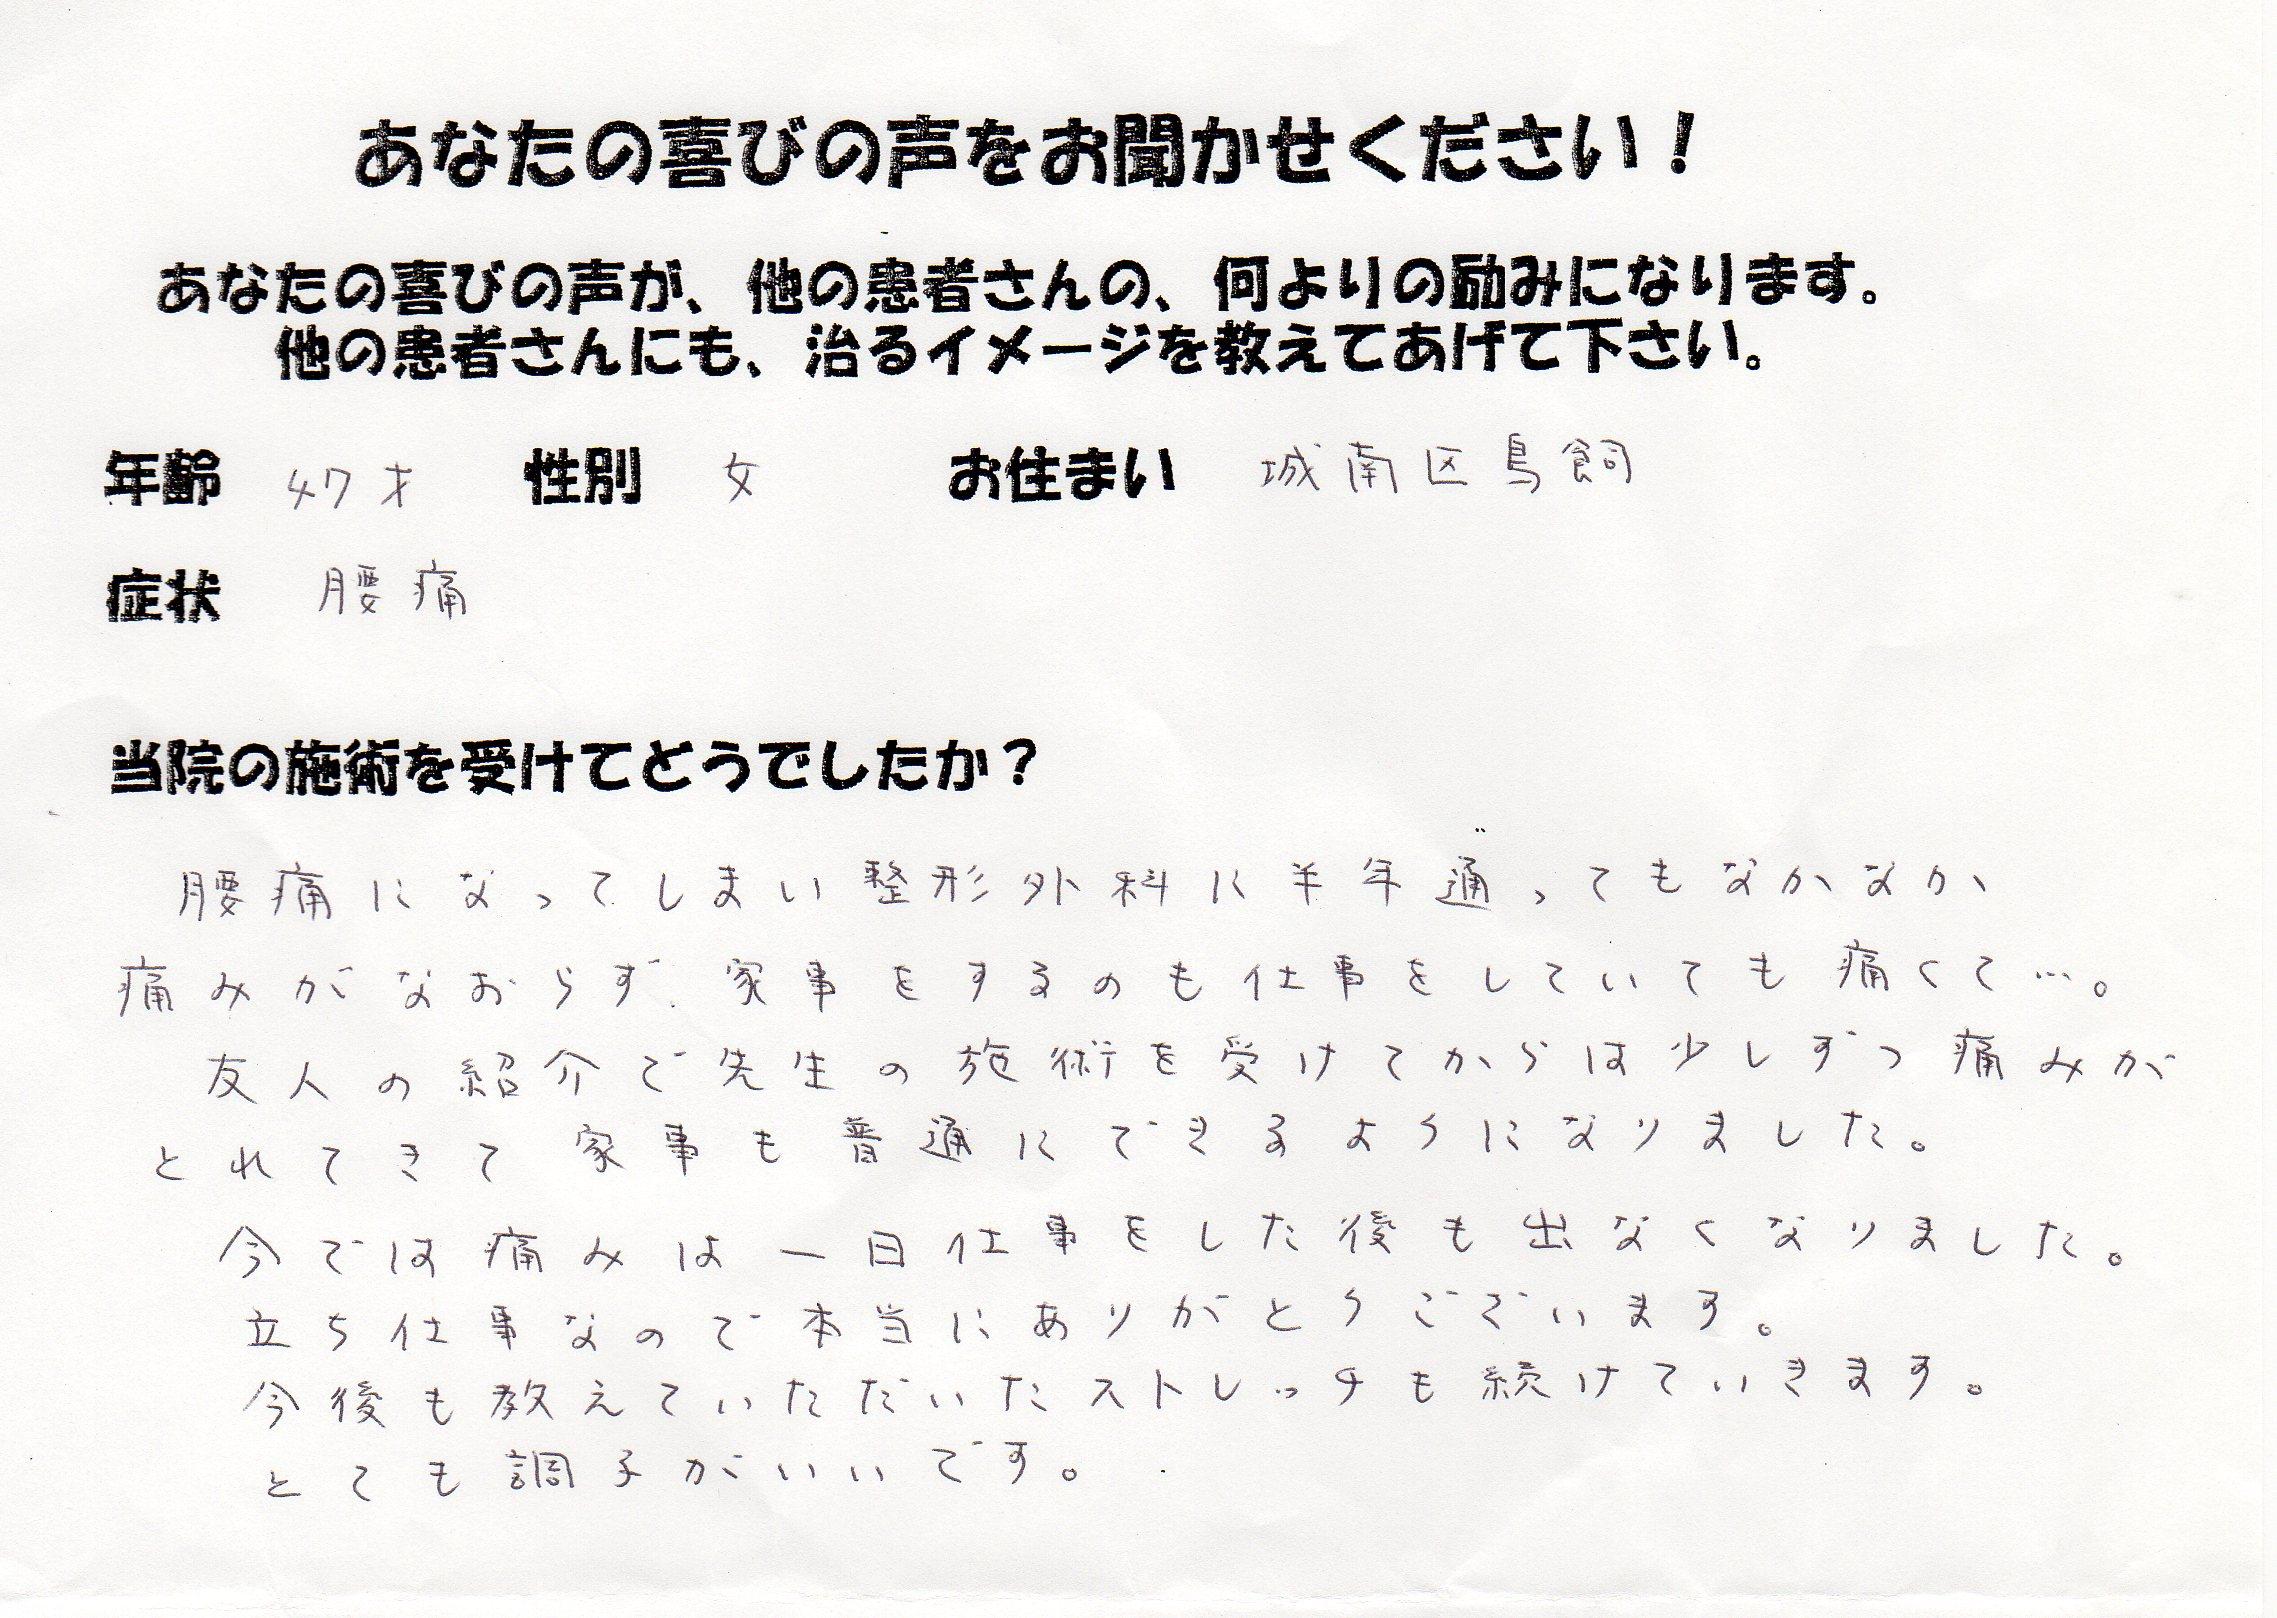 福岡市坐骨神経痛、福岡市椎間板ヘルニアは腰痛専門の福岡中央区整体が評判で人気。